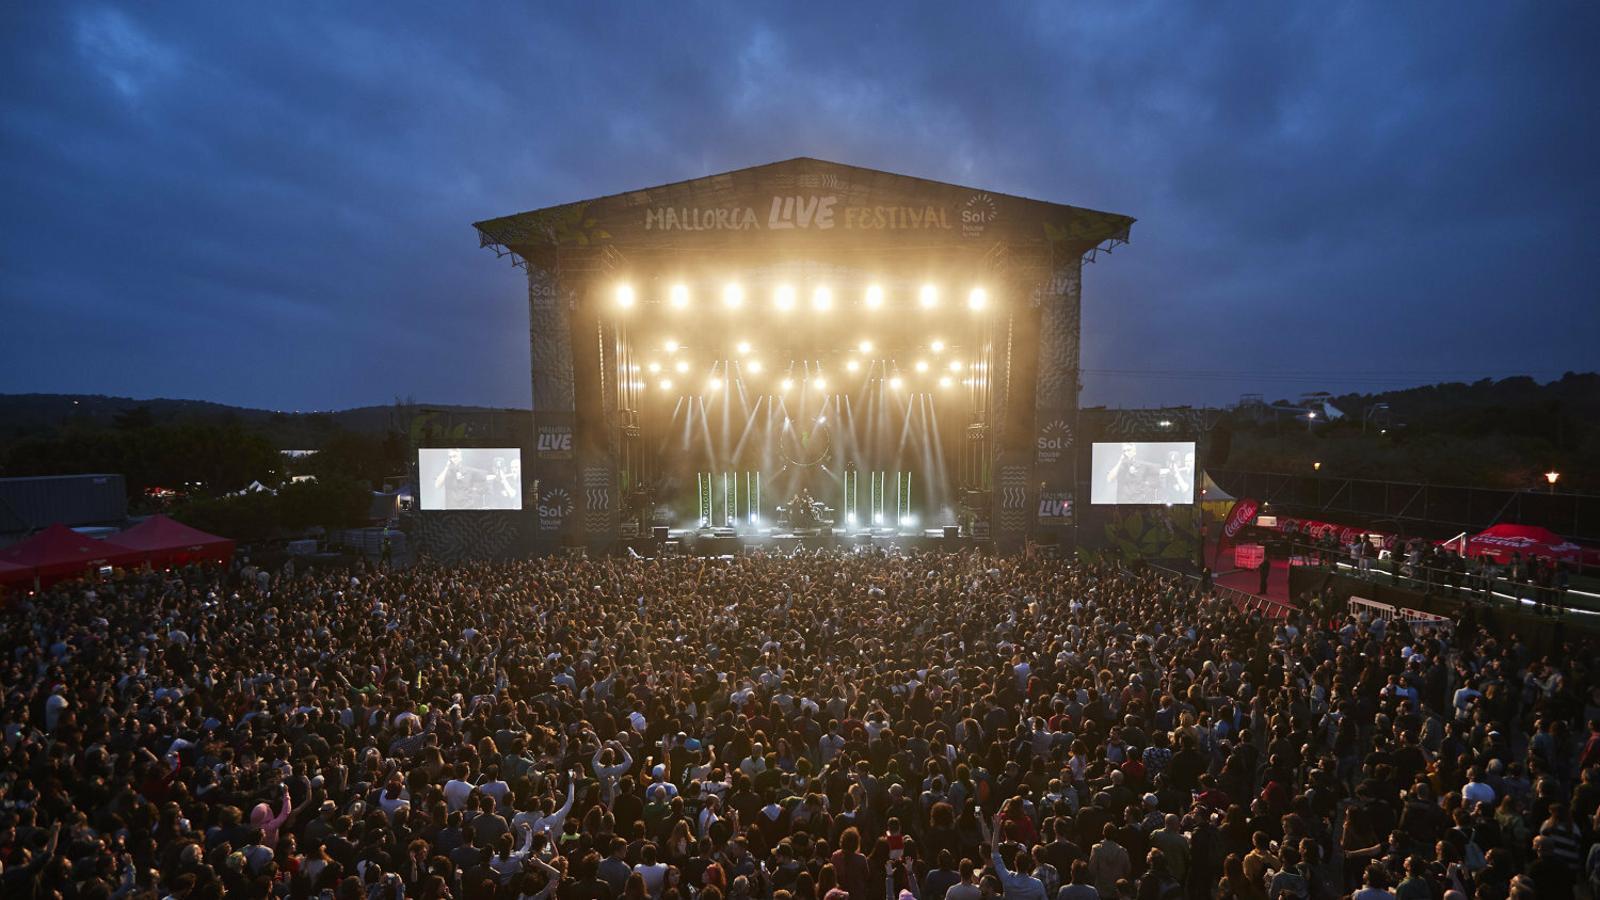 L'organització del festival estima que hi haurà devers 36.000 assistents, un  35% més que l'anterior edició